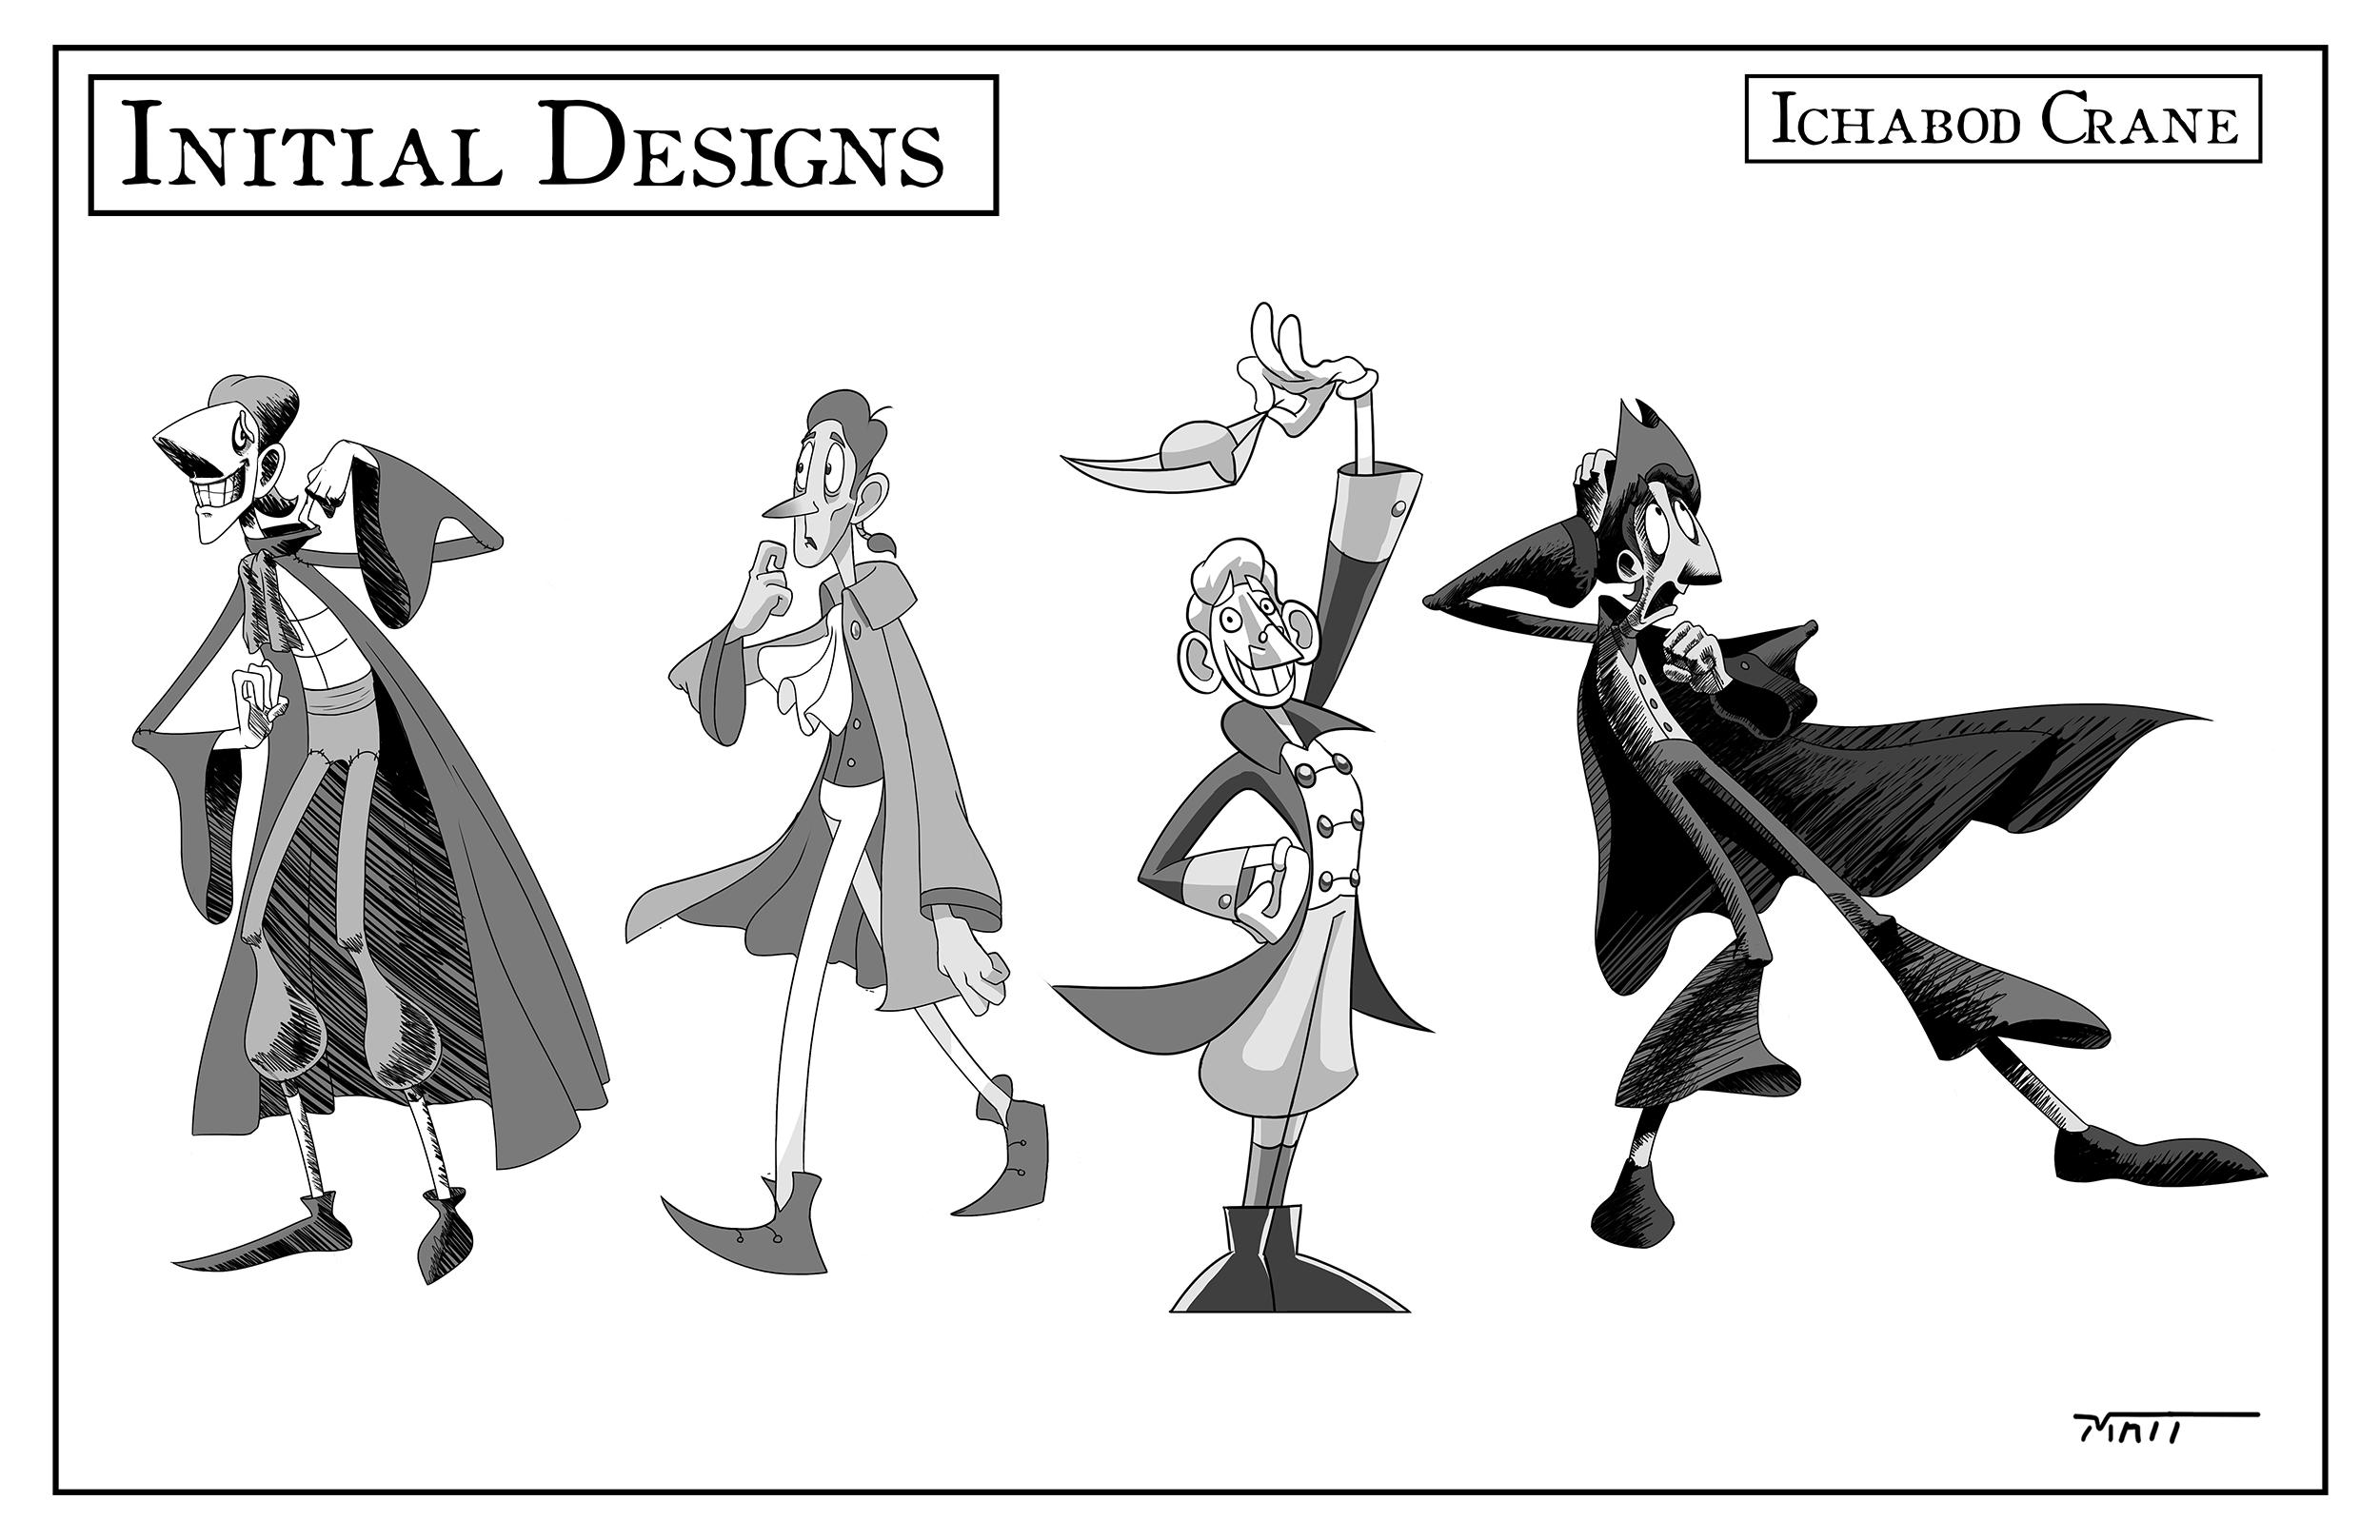 Character Design: Ichabod Crane